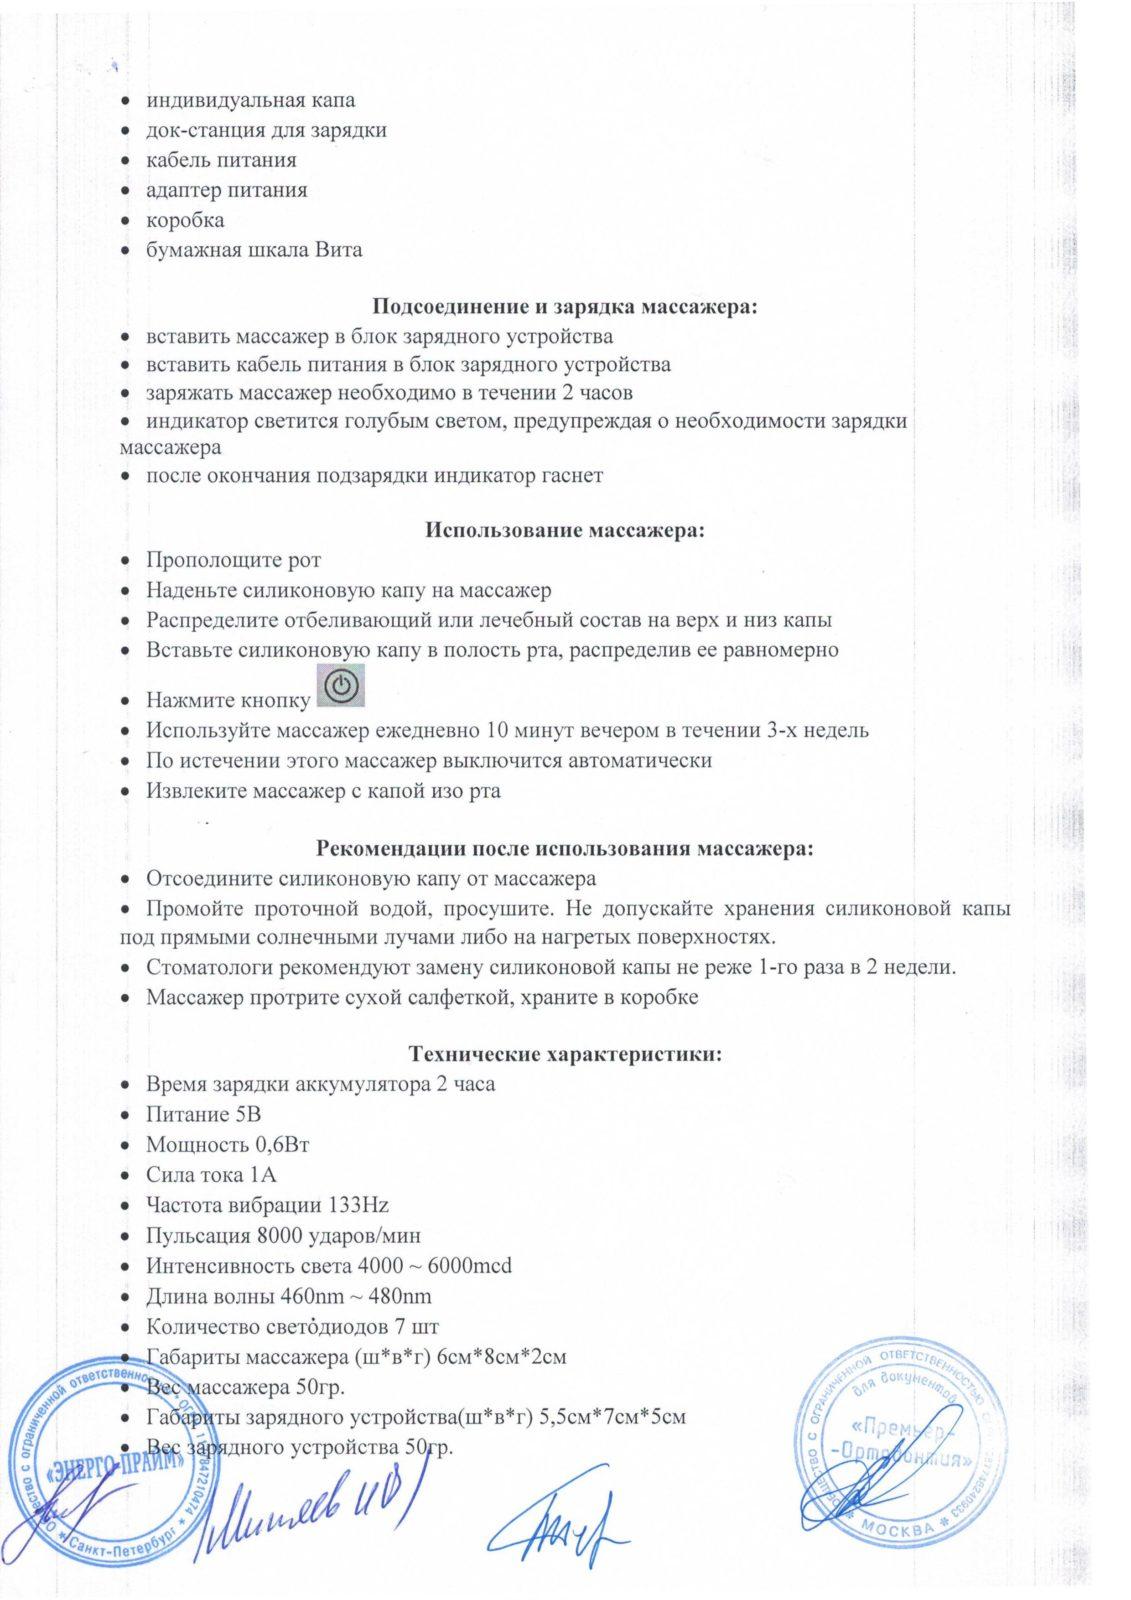 instrukcija-po-ispolzovaniju-3071-3p